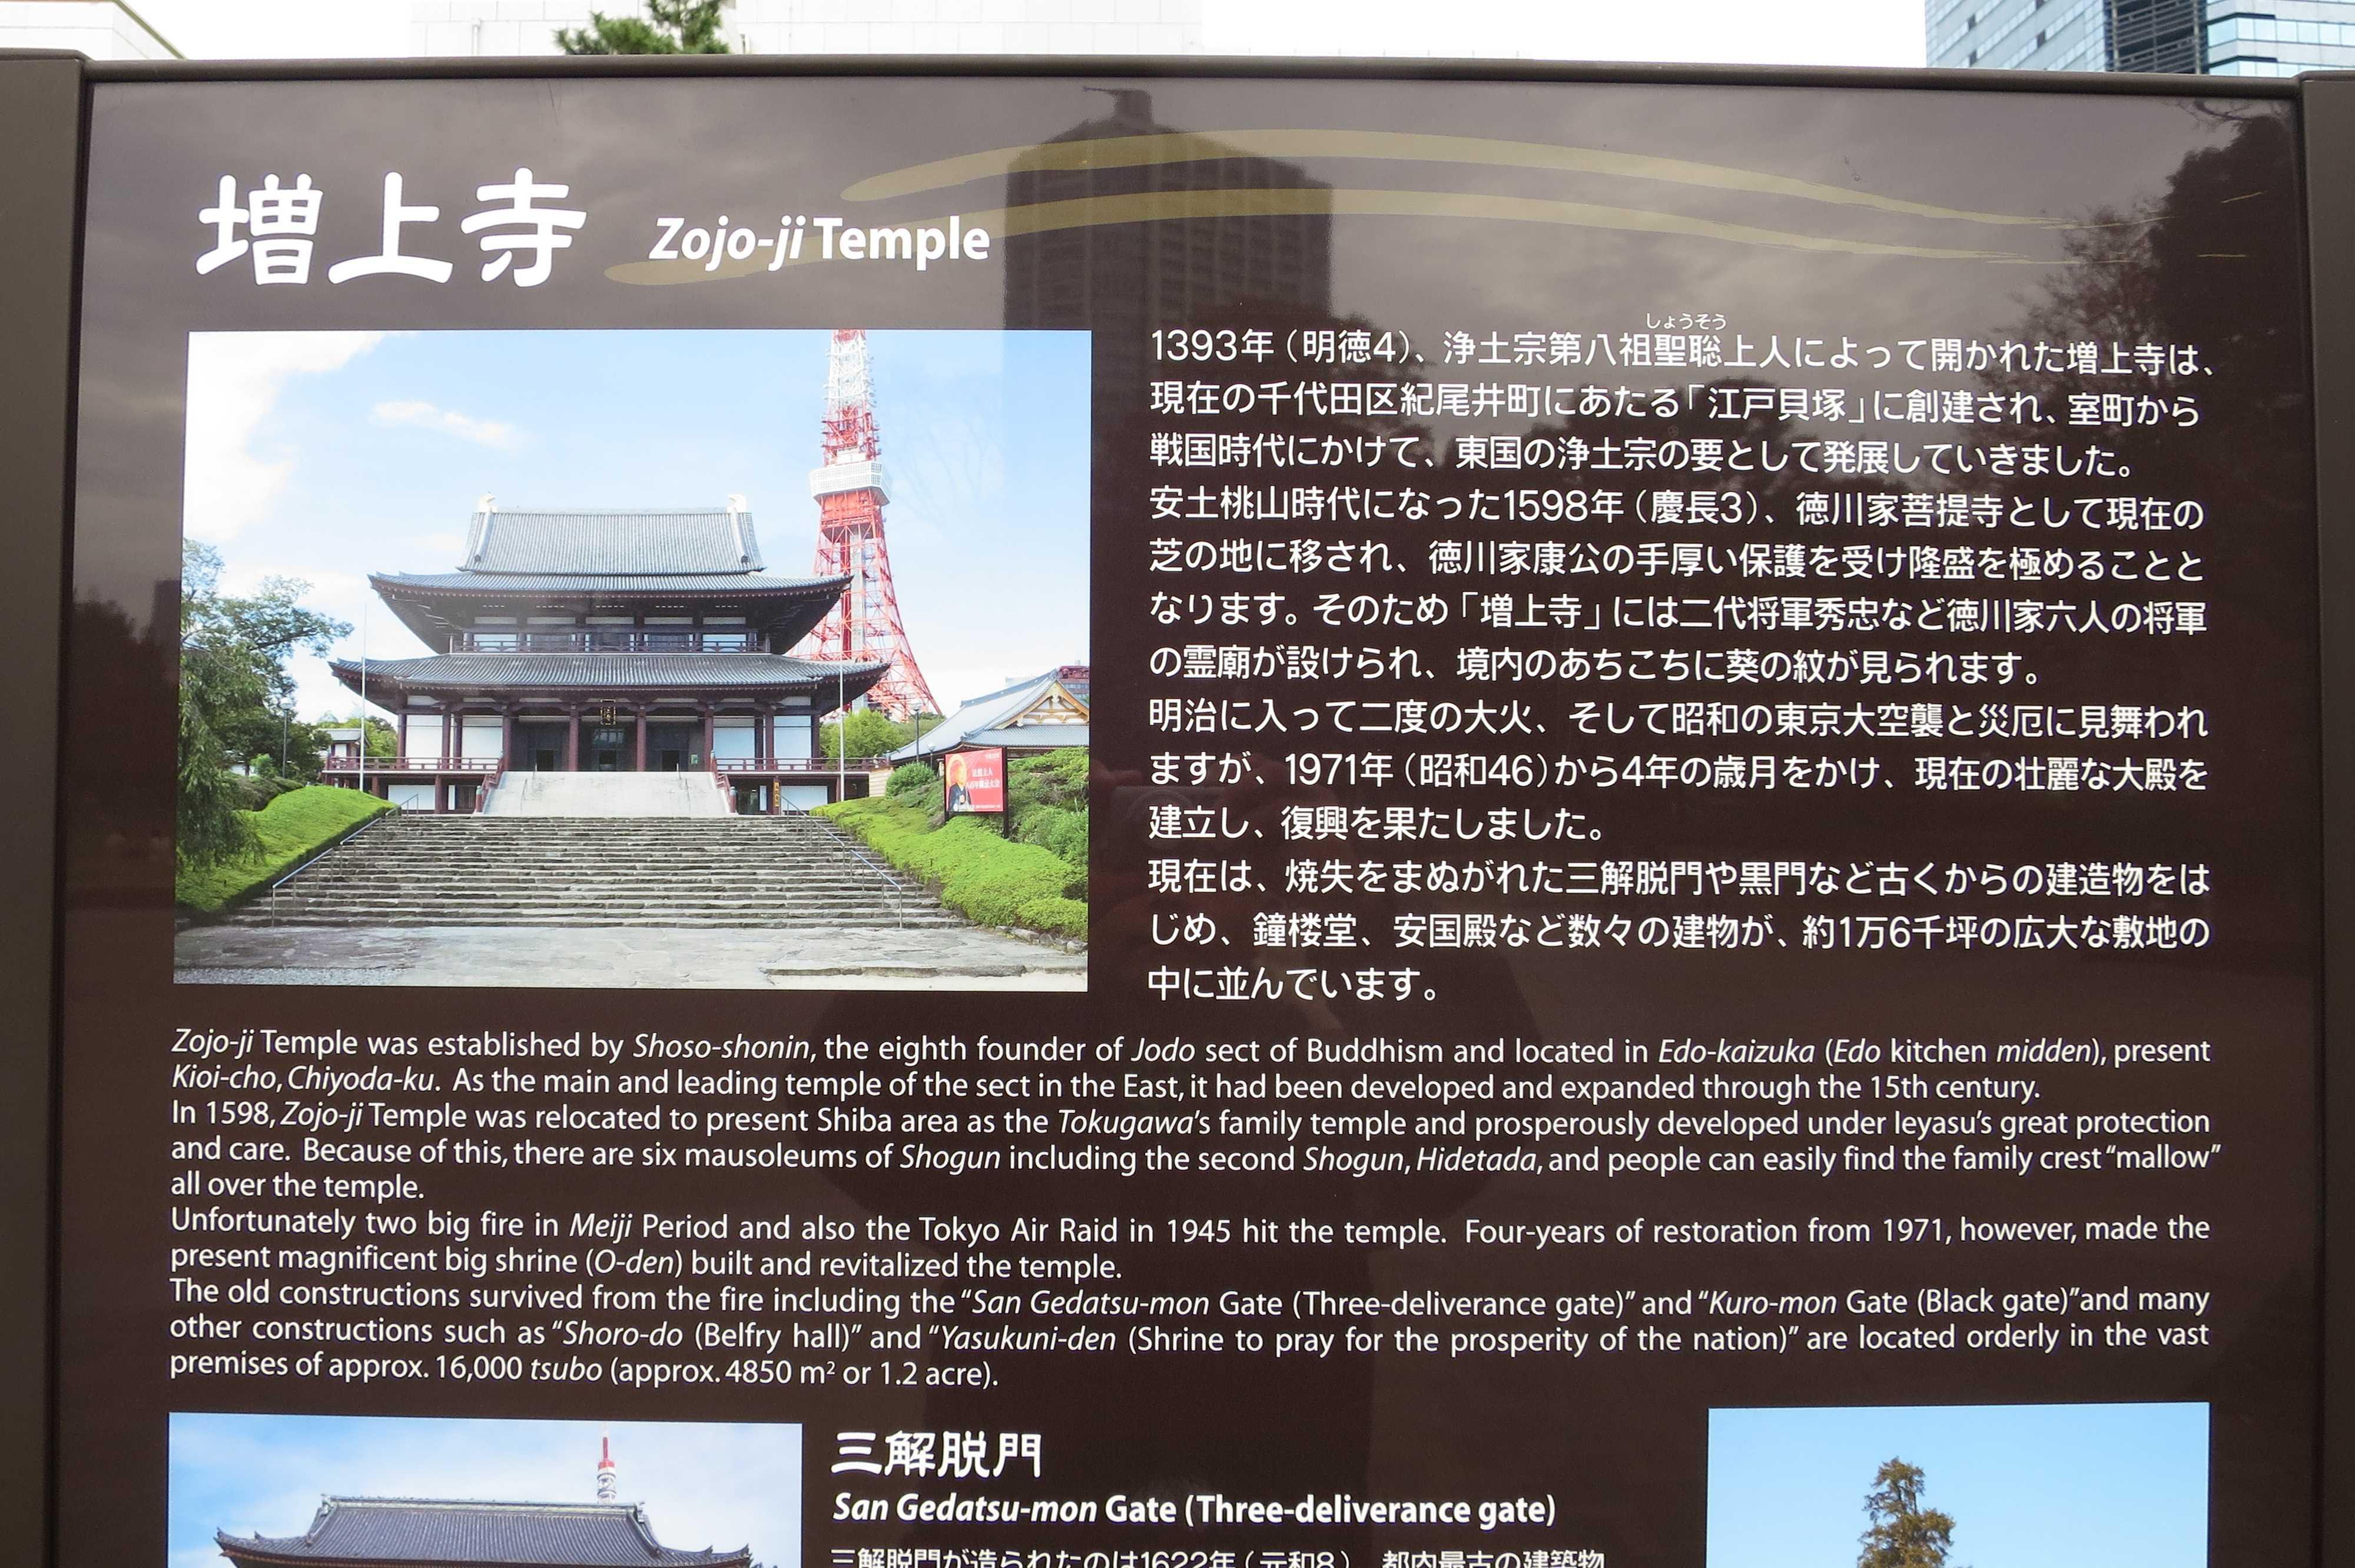 増上寺(Zojo-ji Temple)の案内板